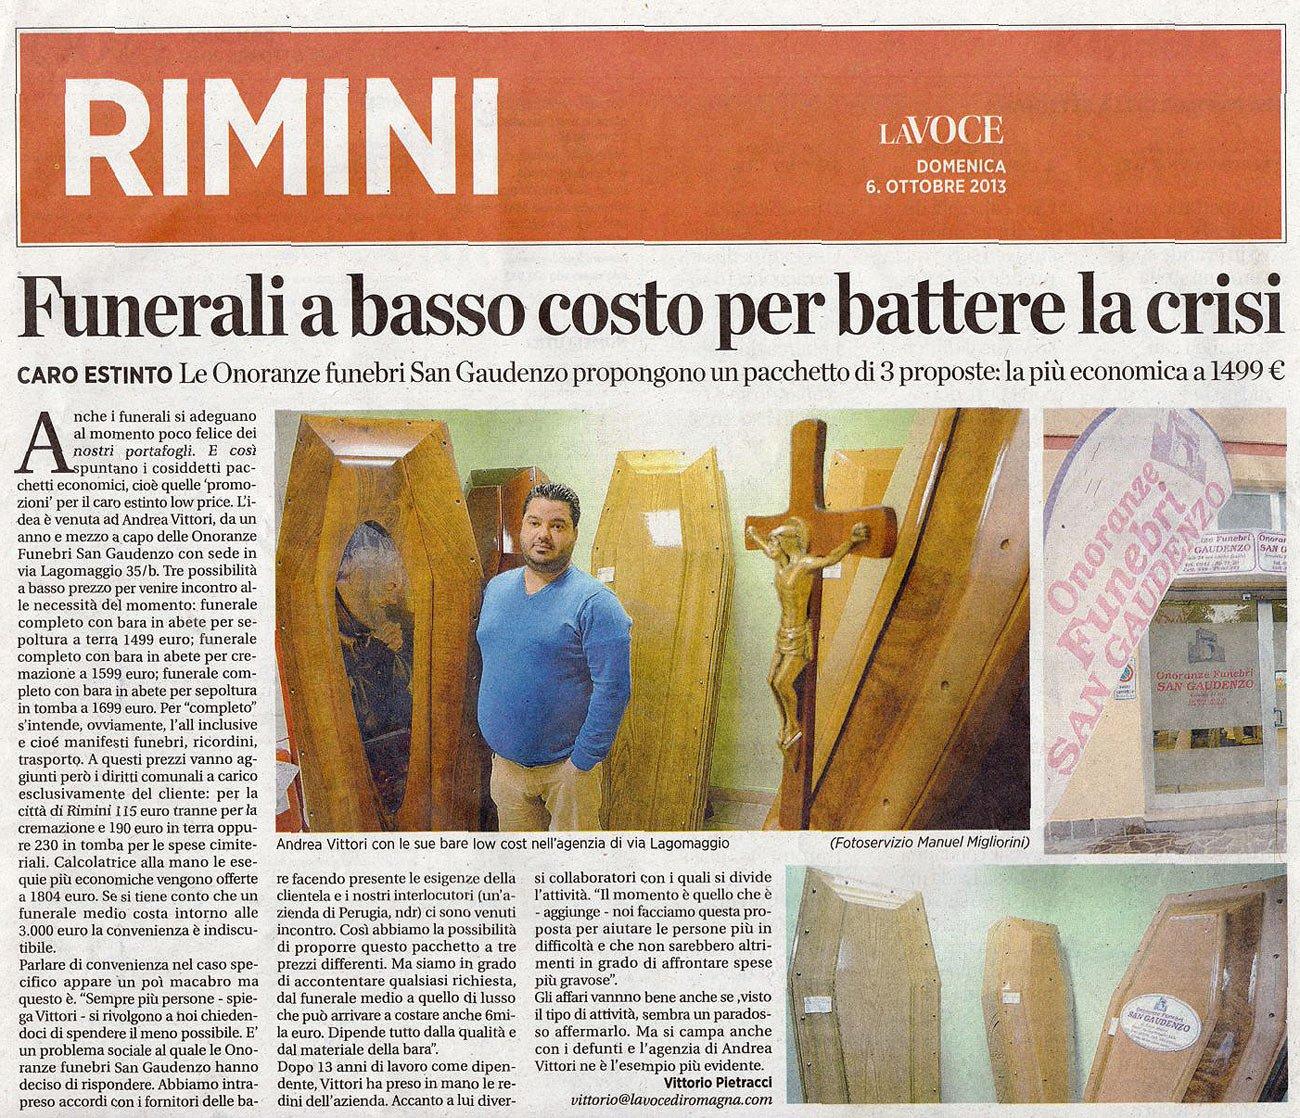 Dicono di noi Onoranze Pompe Funebri san Gaudenzo a Rimini